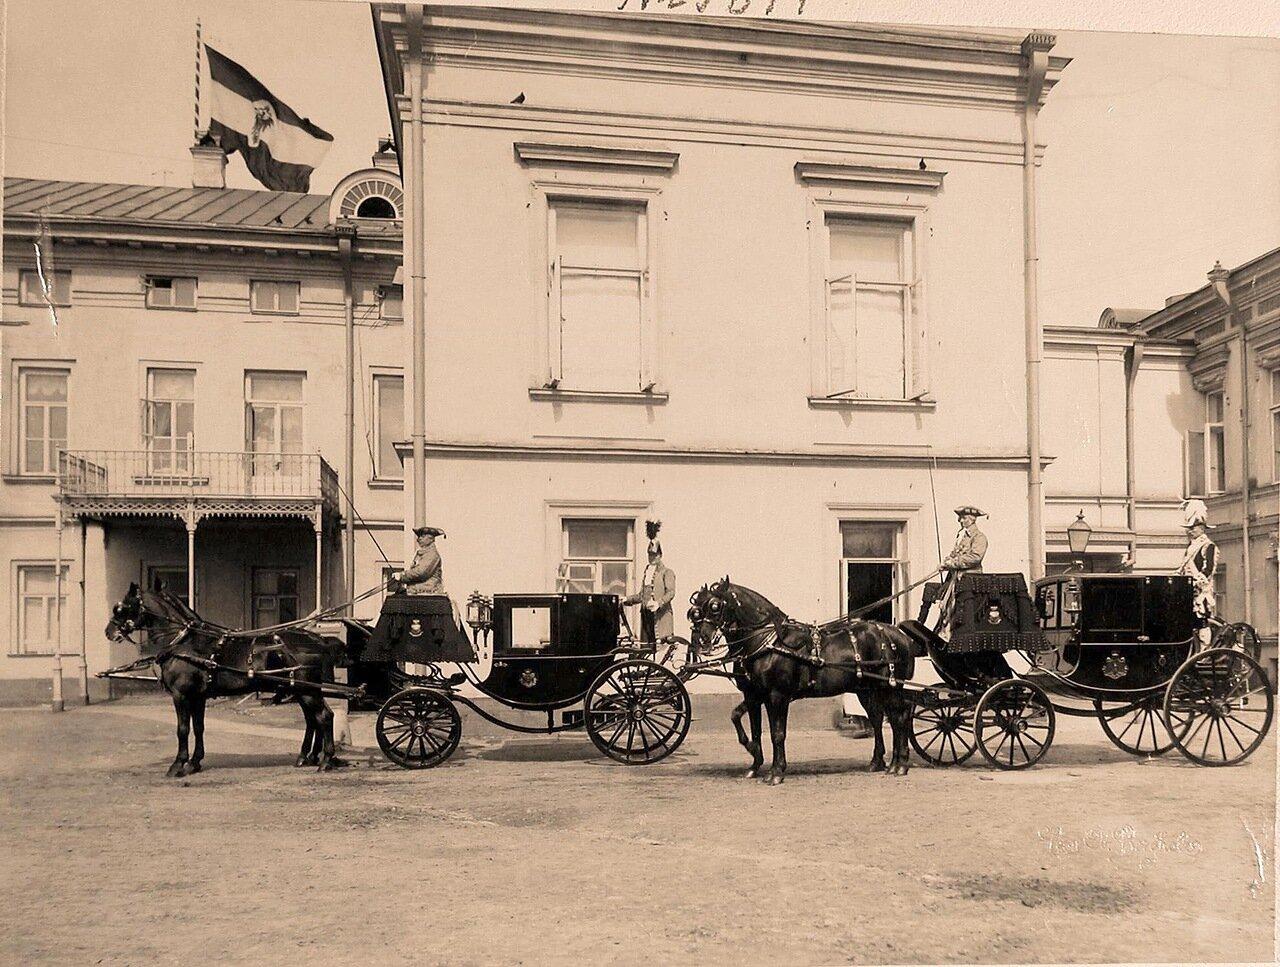 Кареты, запряженные парами лошадей, с кучерами и форейторами, подготовленные для участников торжественной коронации, на территории Кремля